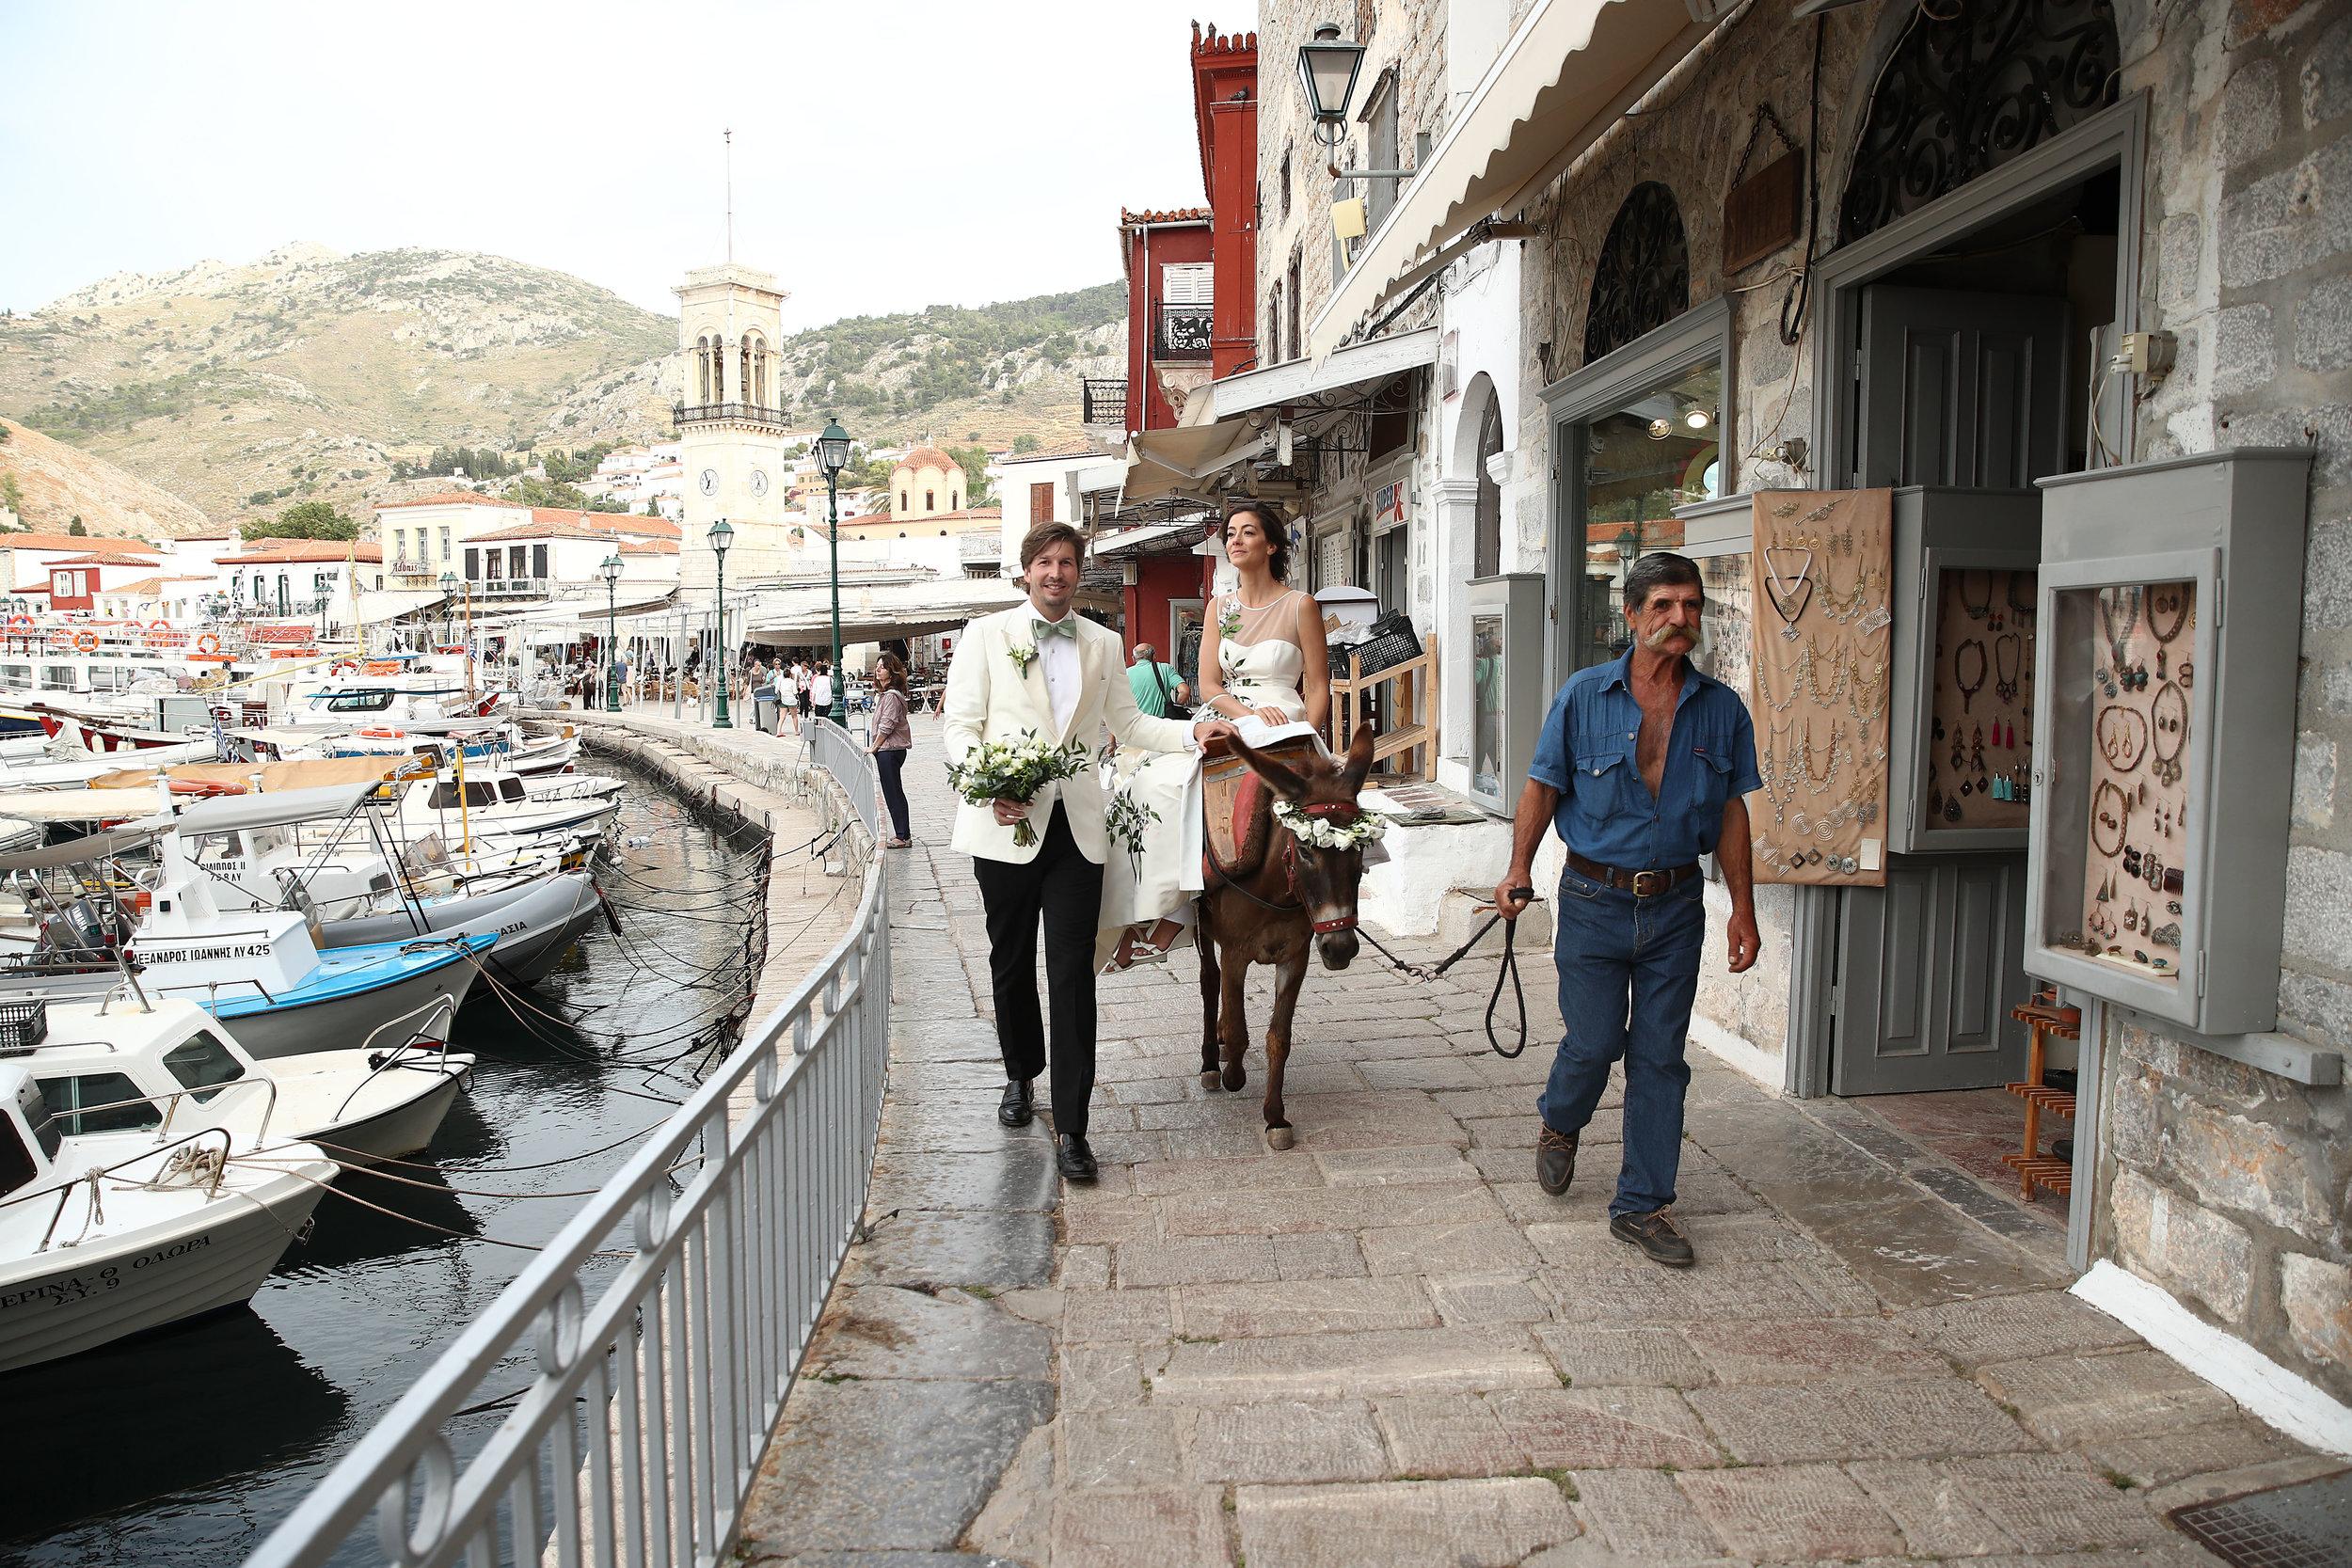 Port Parade - It's like a second line on a donkey